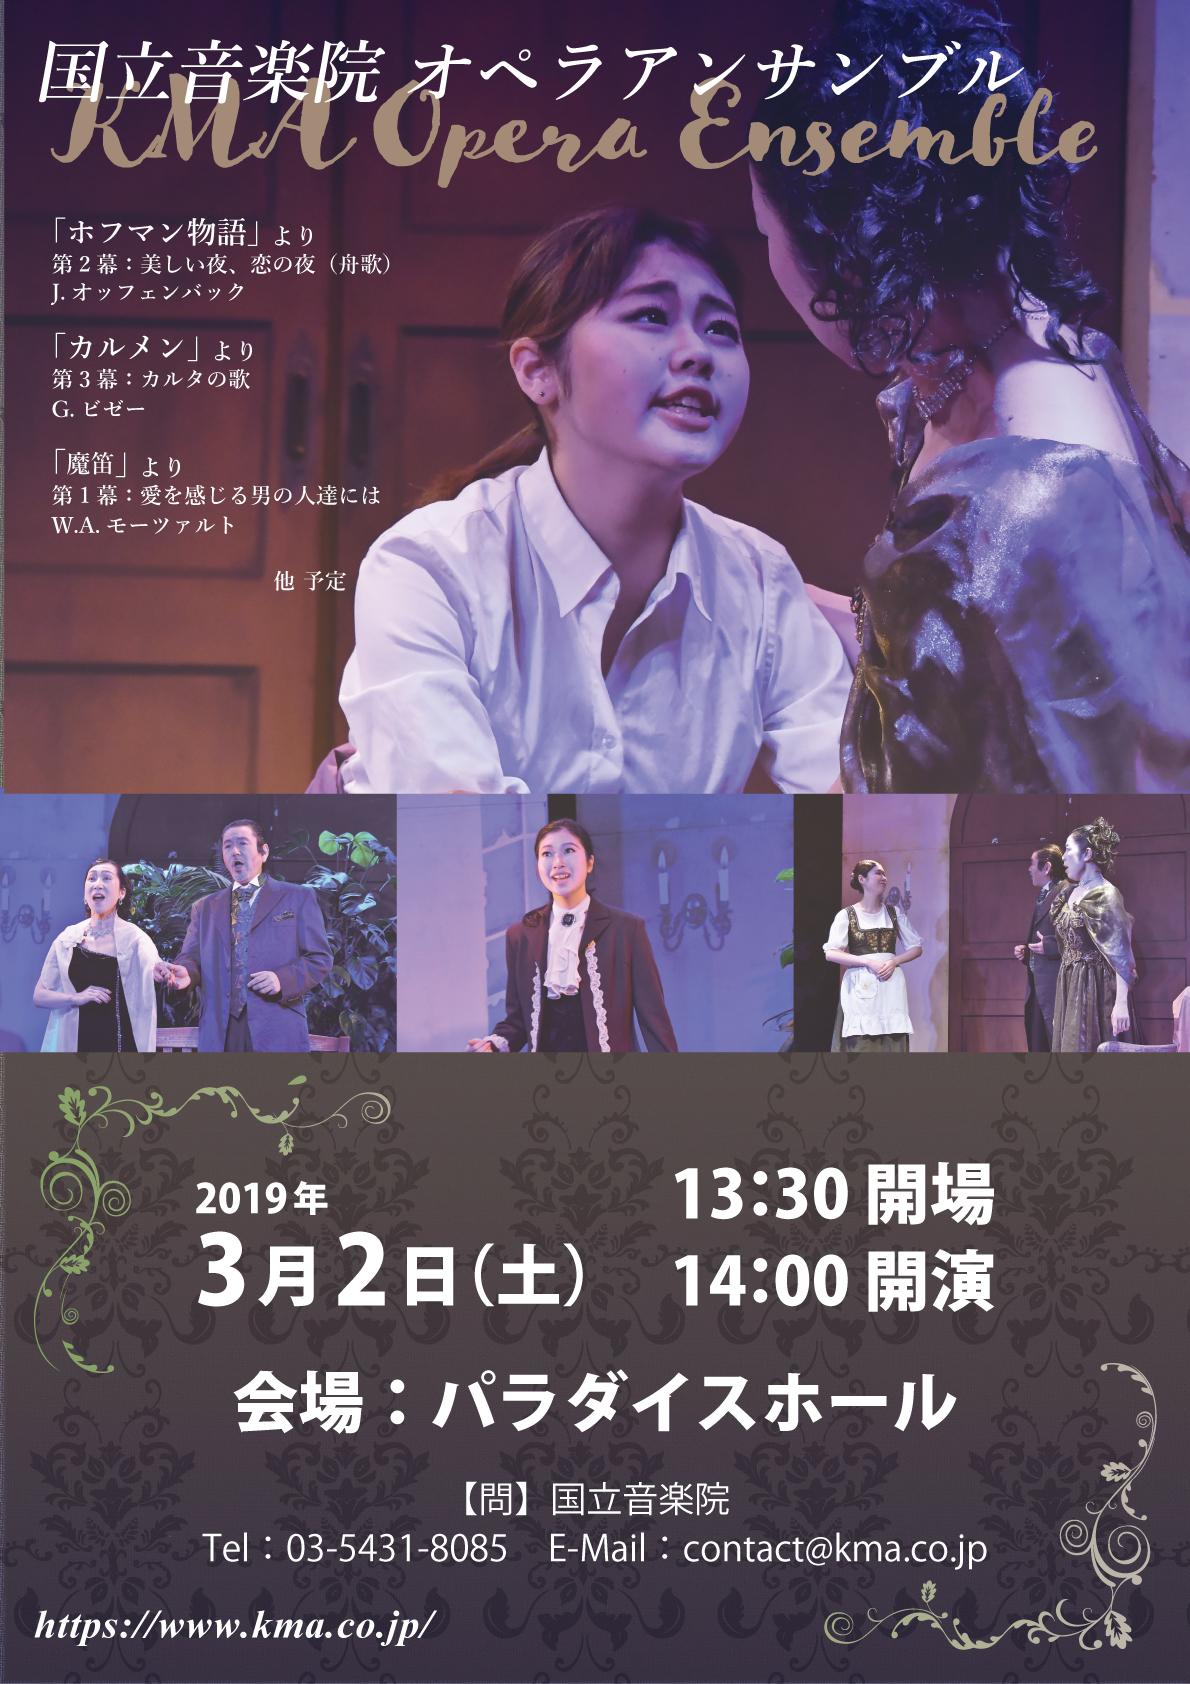 2018年度KMAオペラ上演フライヤー。2019年3月2日、国立音楽院パラダイスホールにて開催。13:30開場、14:00開演。